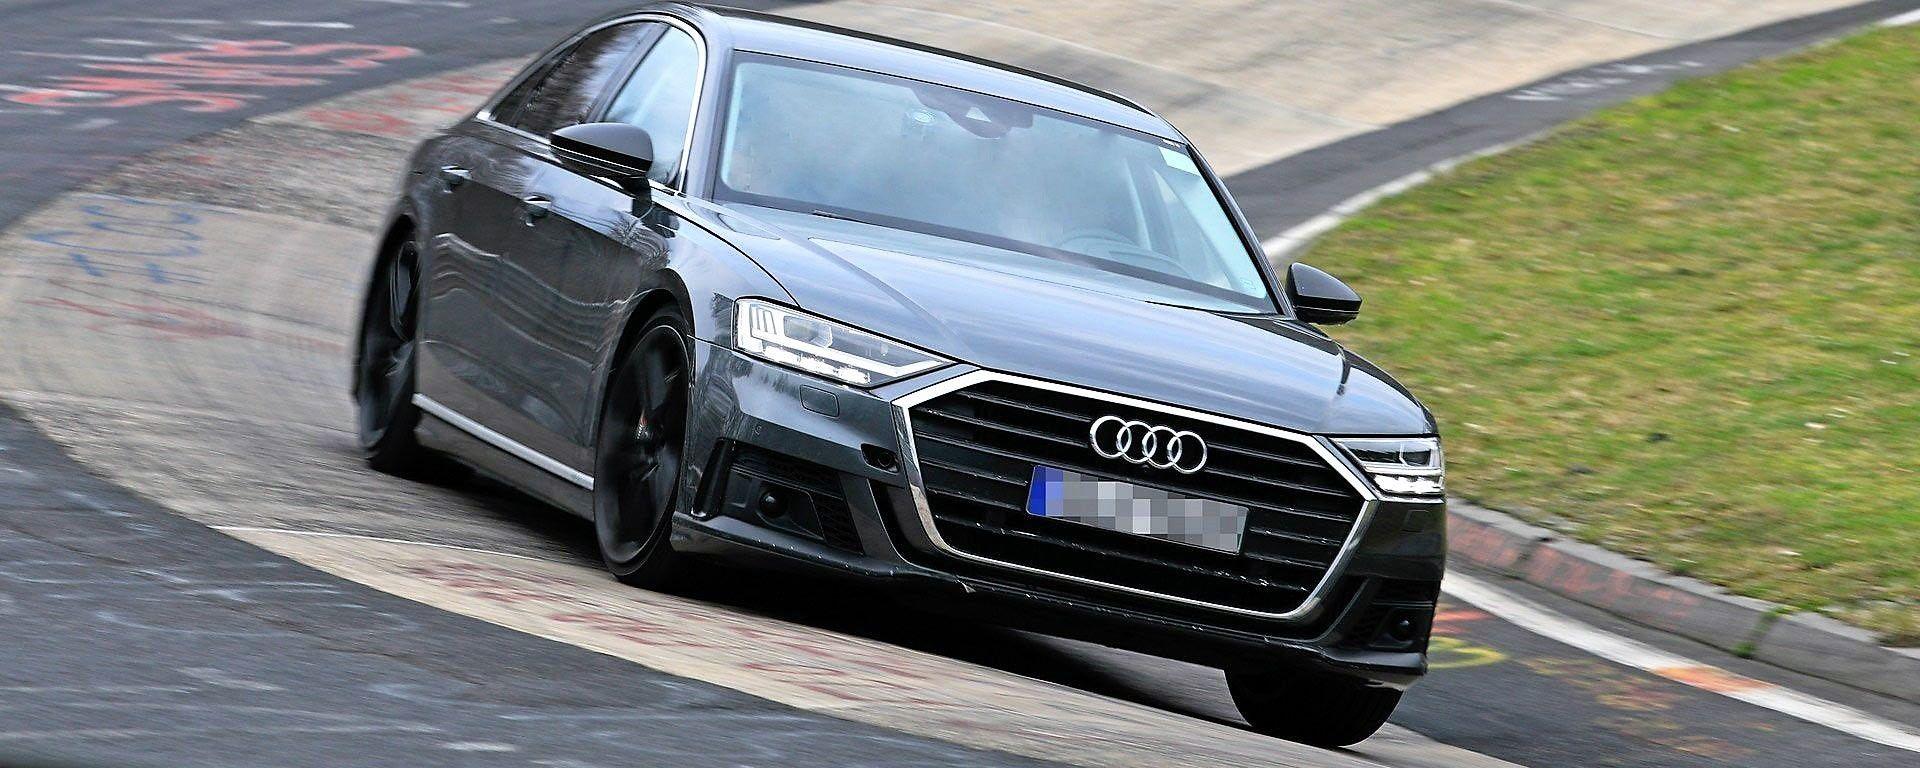 Nuova Audi S8 2019: vista 3/4 anteriore